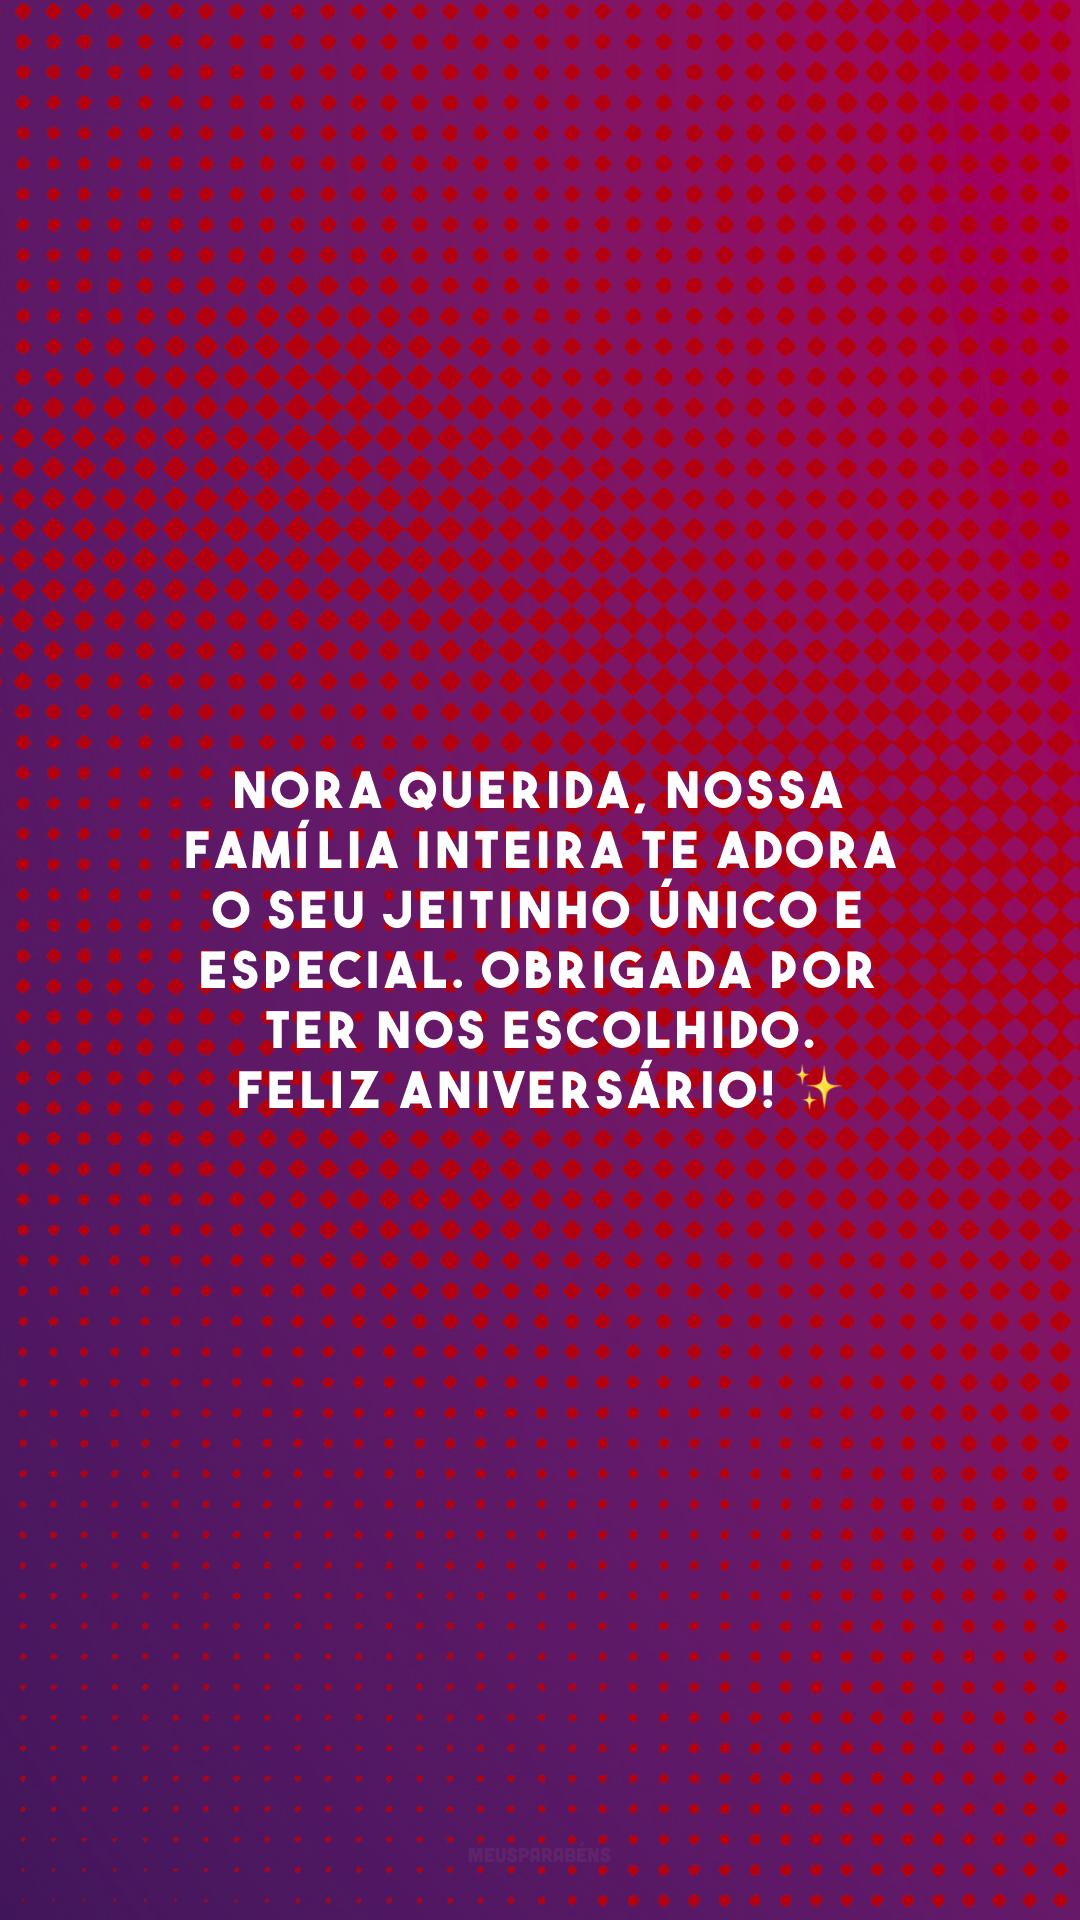 Nora querida, nossa família inteira te adora o seu jeitinho único e especial. Obrigada por ter nos escolhido. Feliz aniversário! ✨